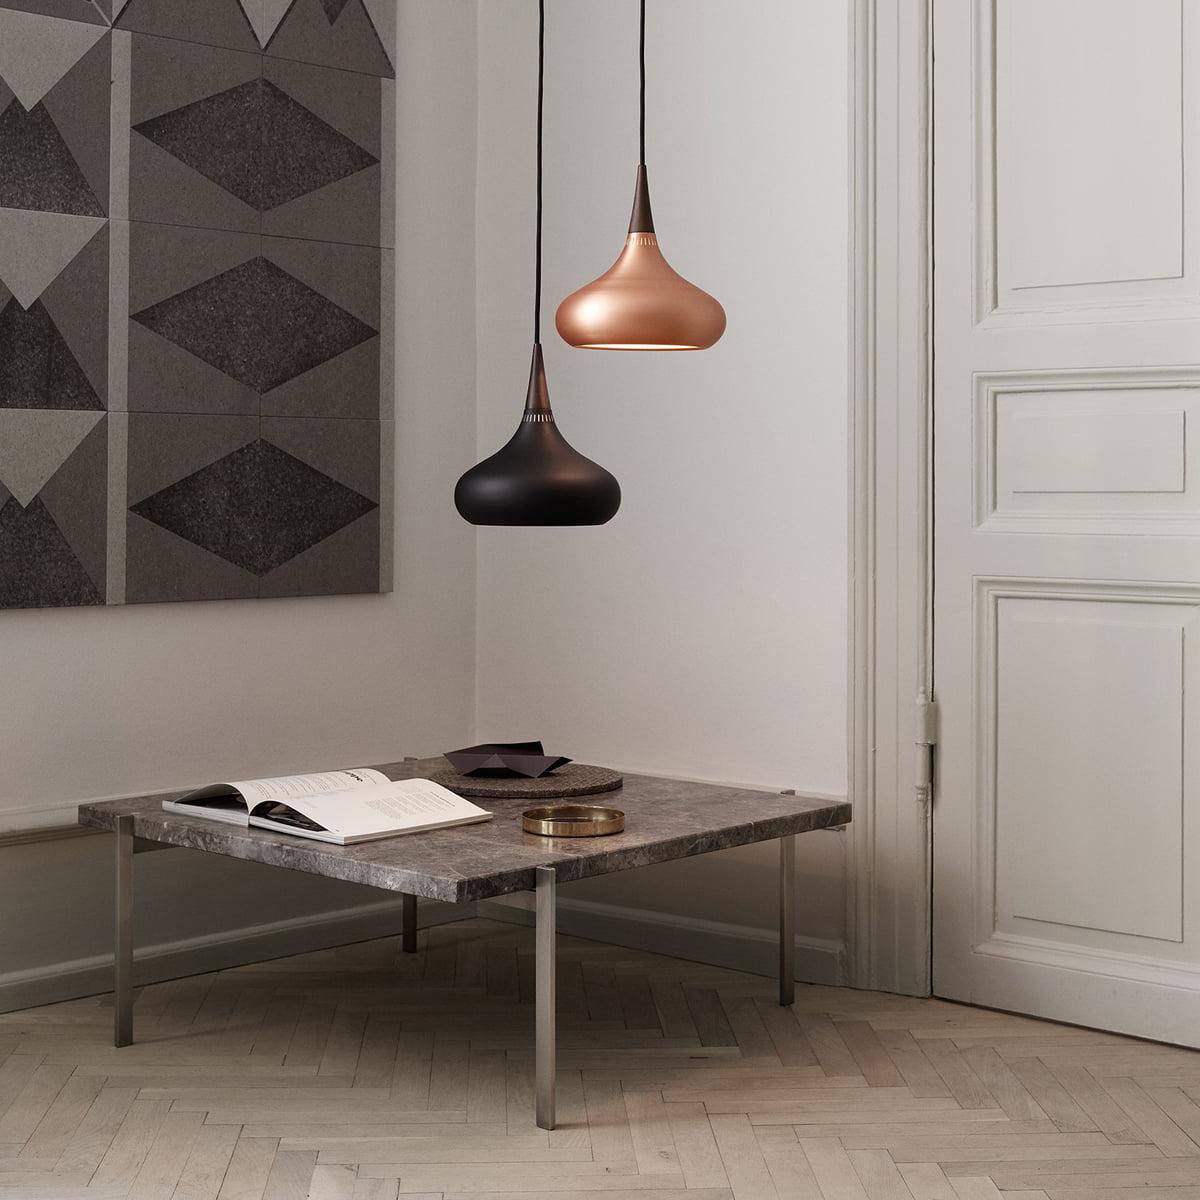 orient pendelleuchte von lightyears kaufen. Black Bedroom Furniture Sets. Home Design Ideas